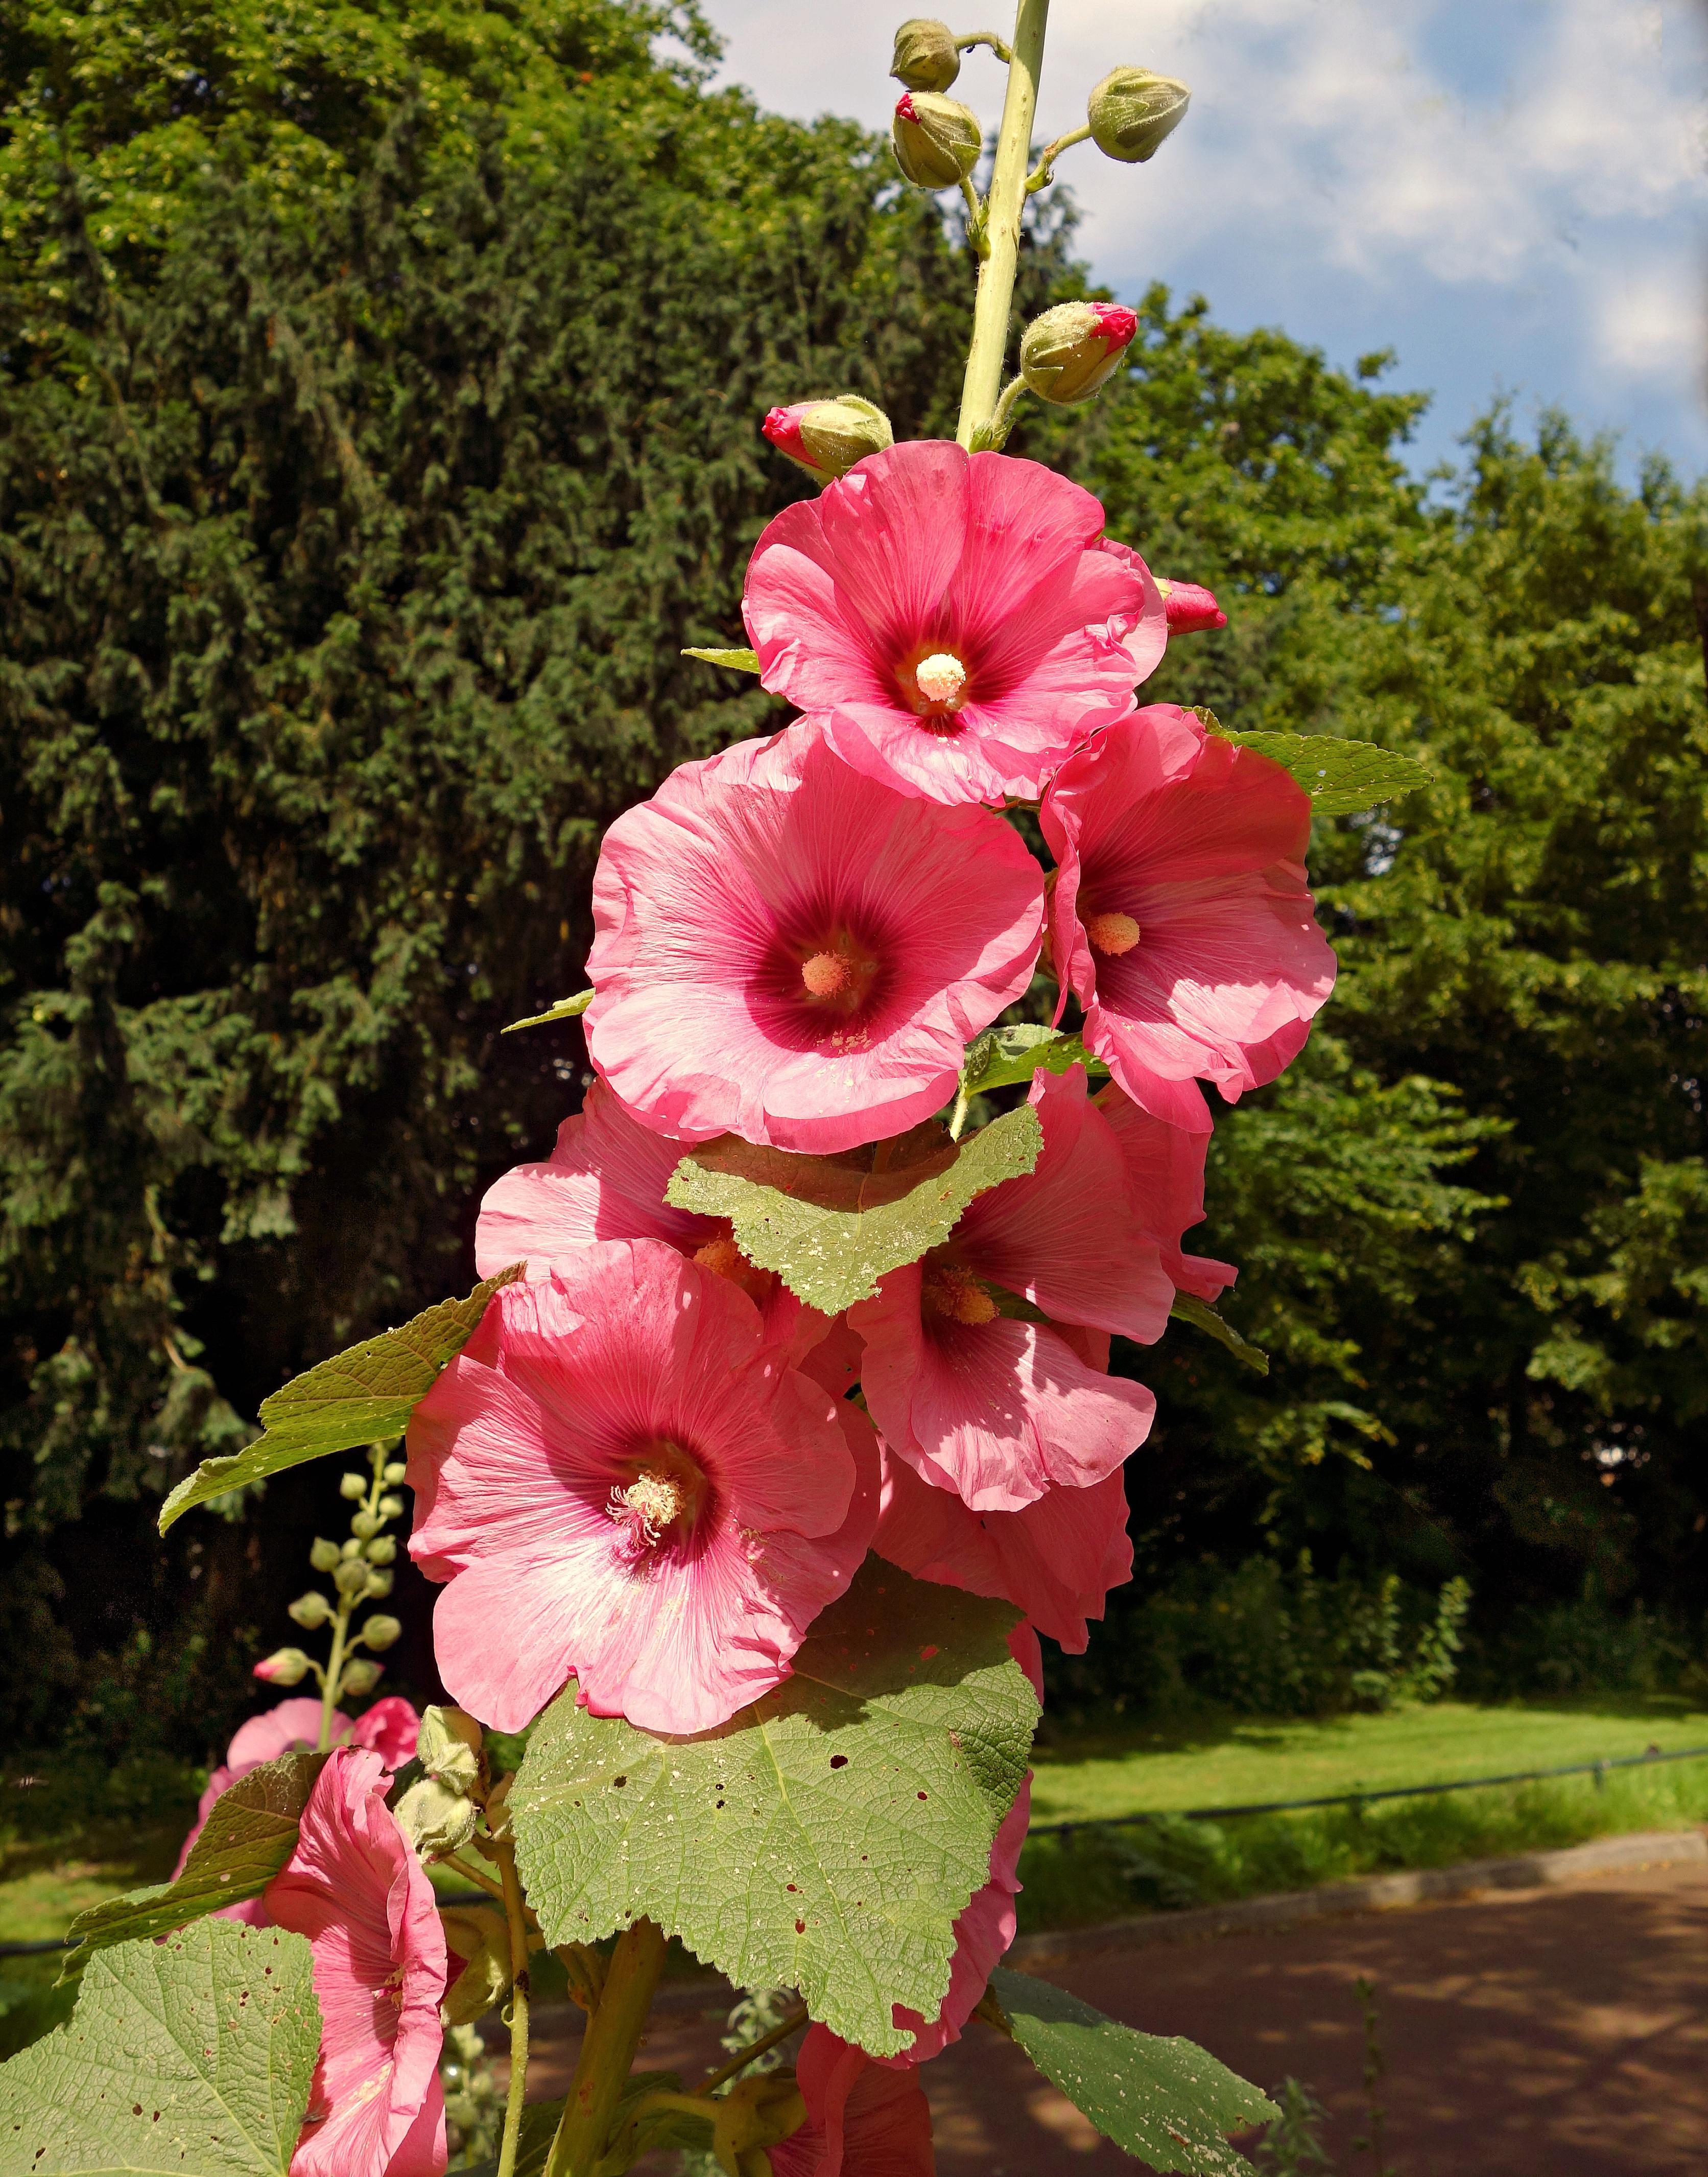 images gratuites : fleur, ensoleillement, tige, pétale, été